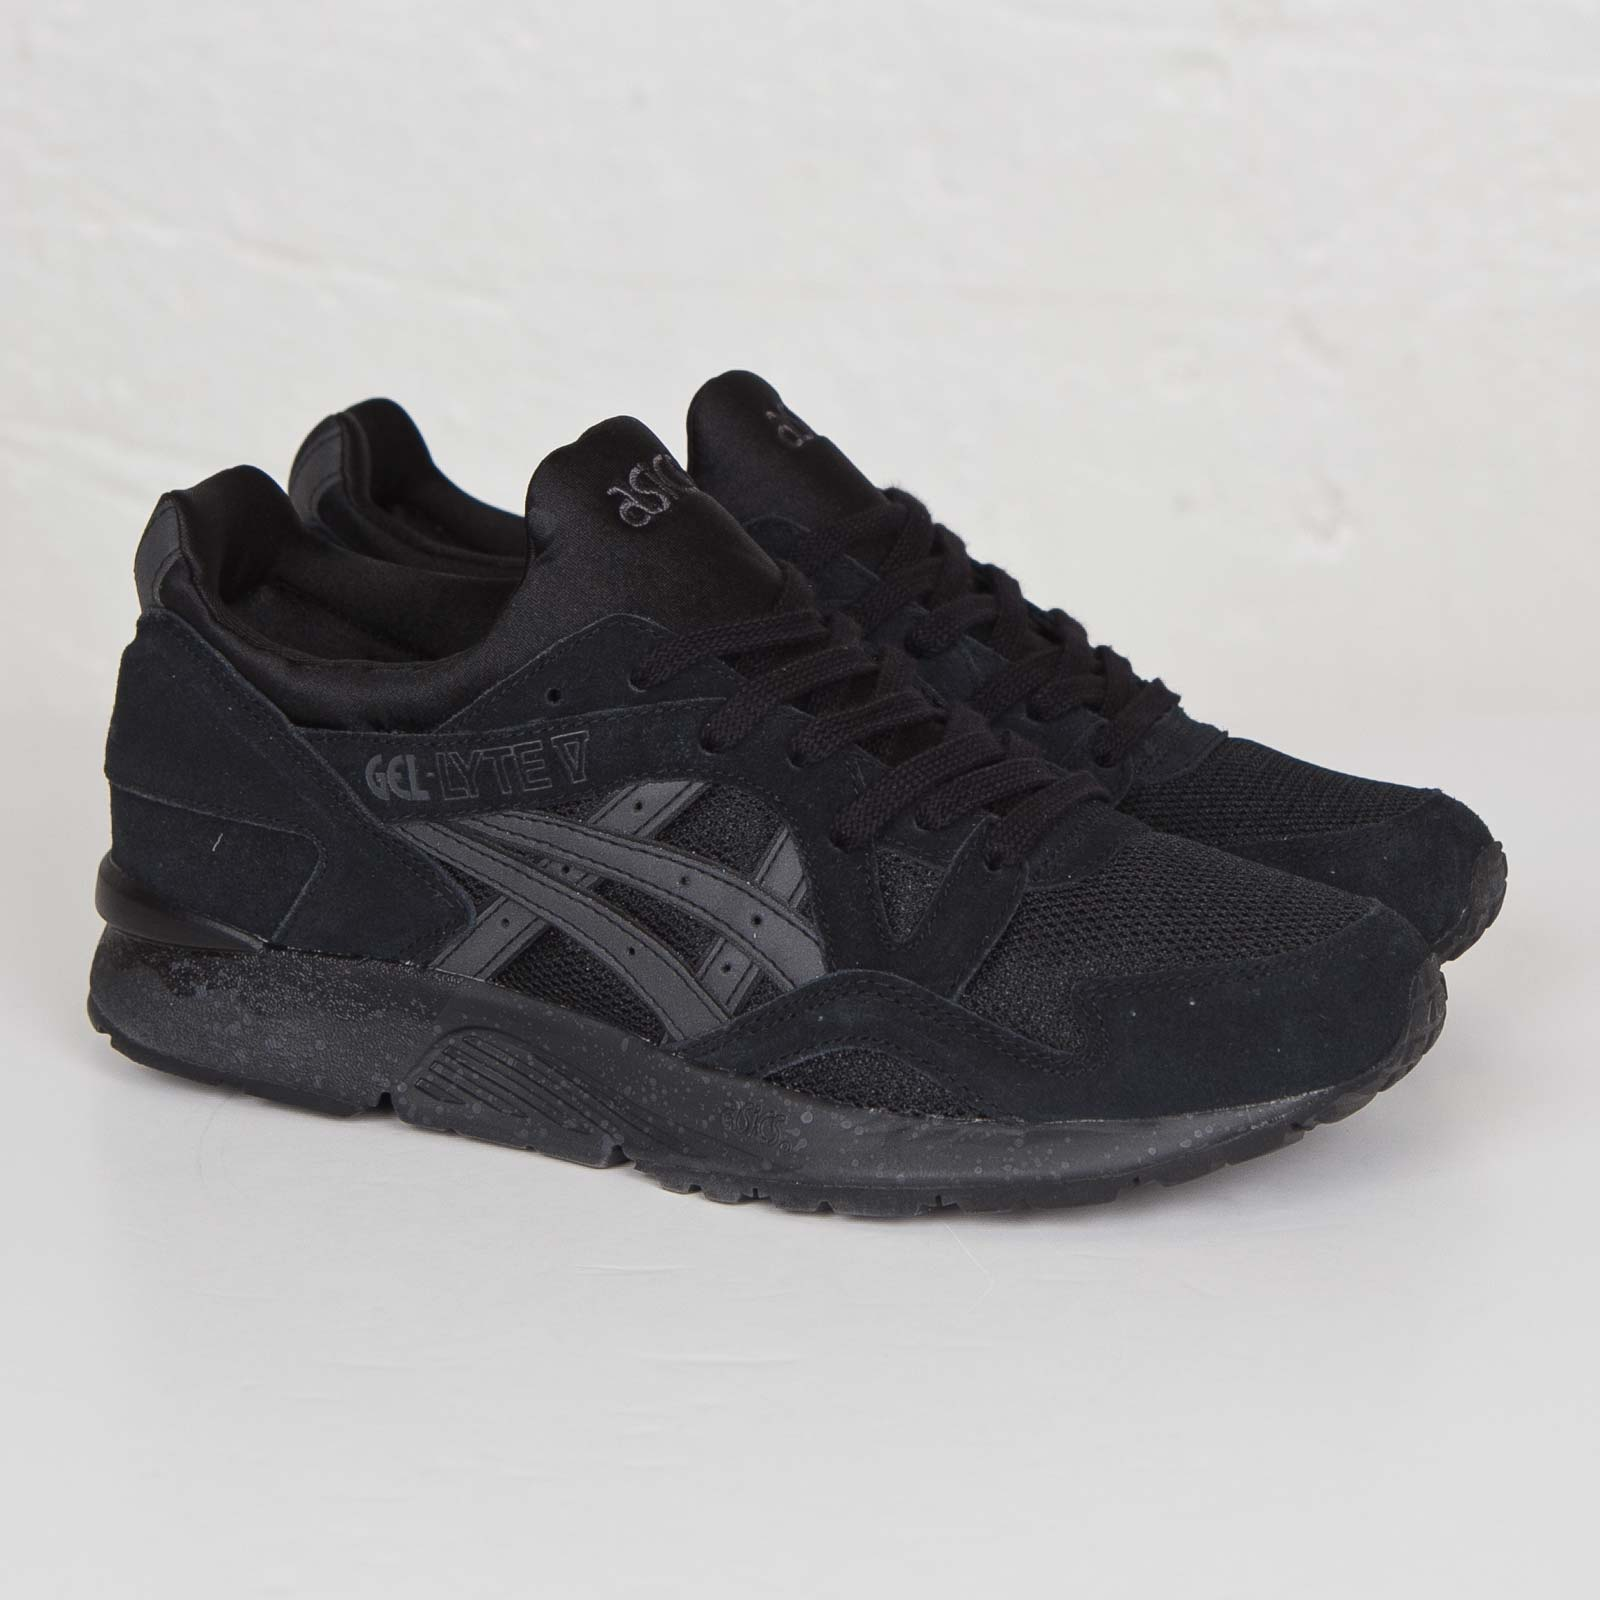 c226364132 ASICS Tiger Gel-Lyte V - H5r2n-9090 - Sneakersnstuff | sneakers ...